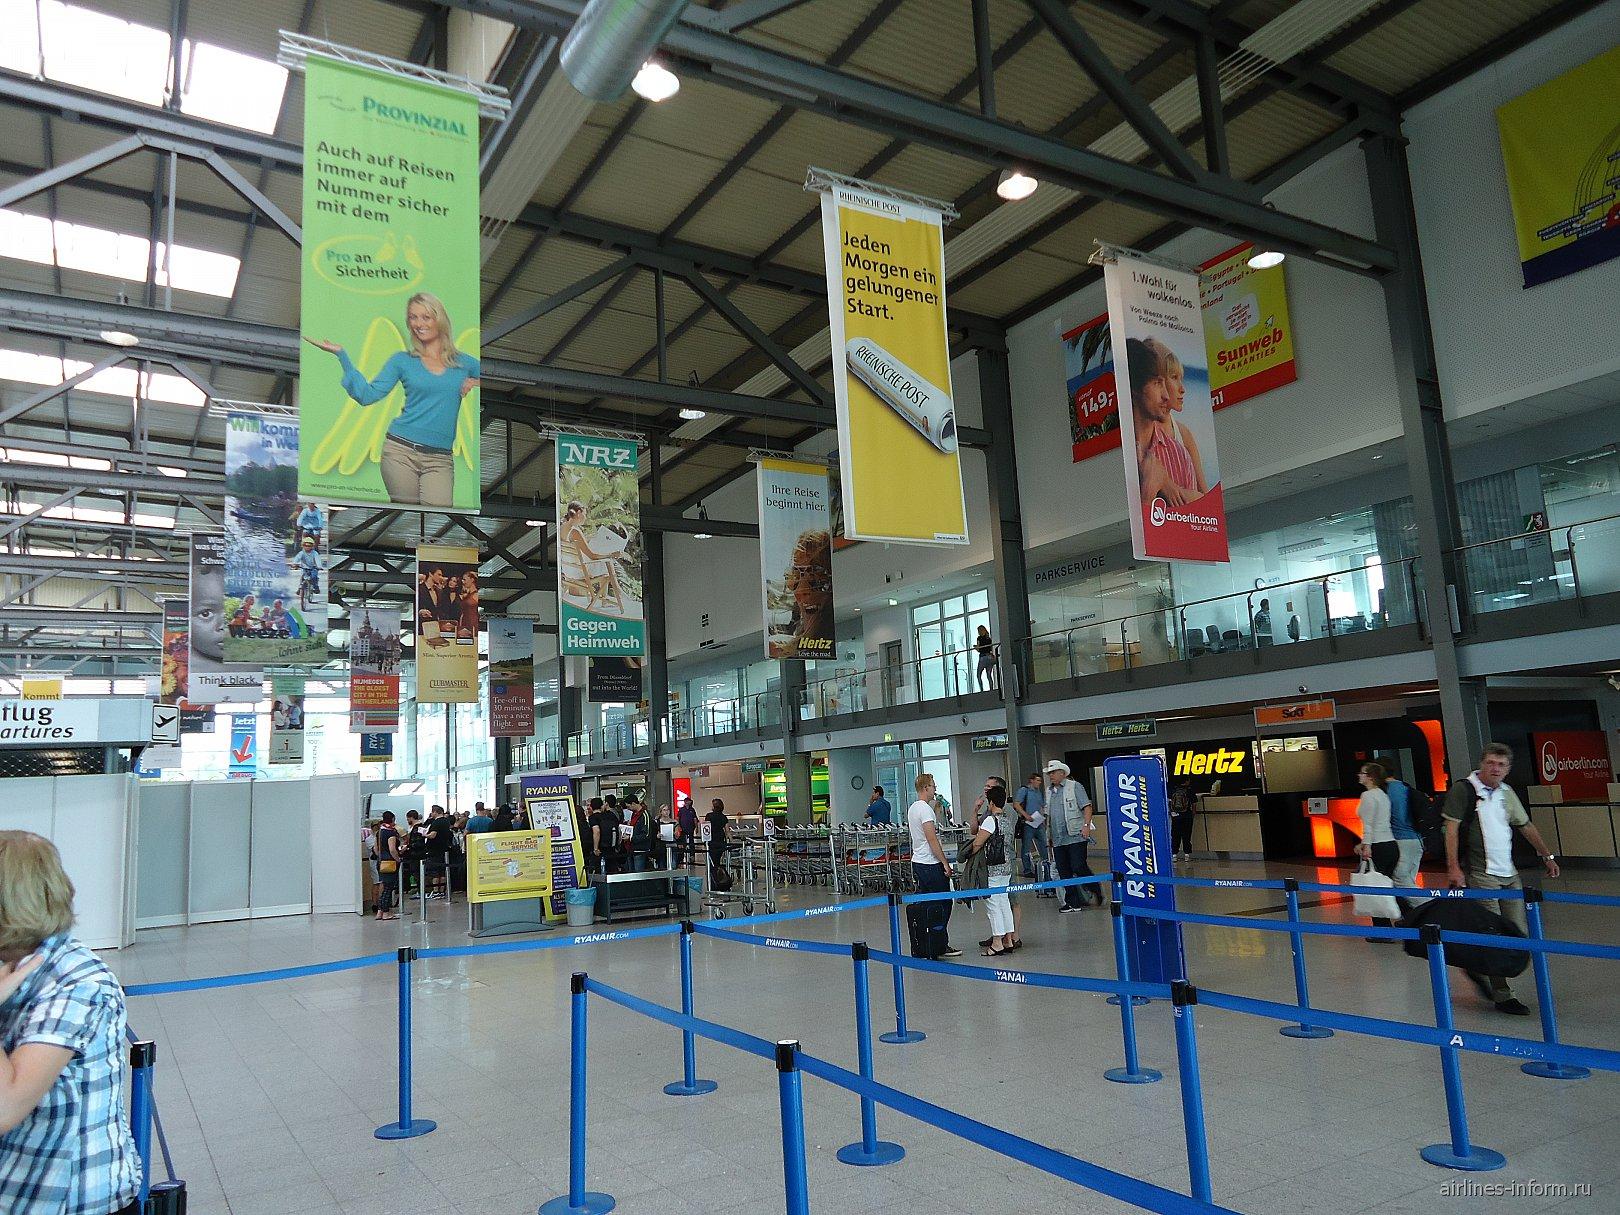 В аэровокзале аэропорта Веезе